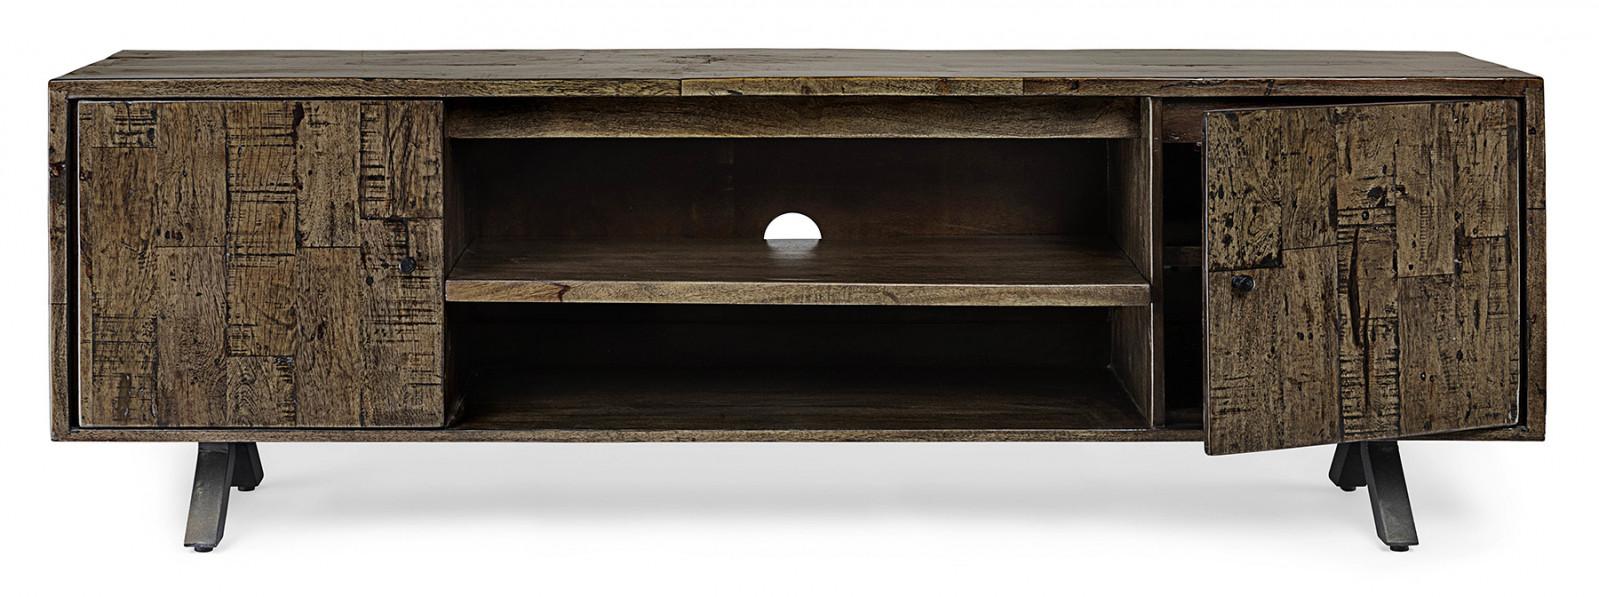 meuble tv long 180 bois massif sur pieds metal